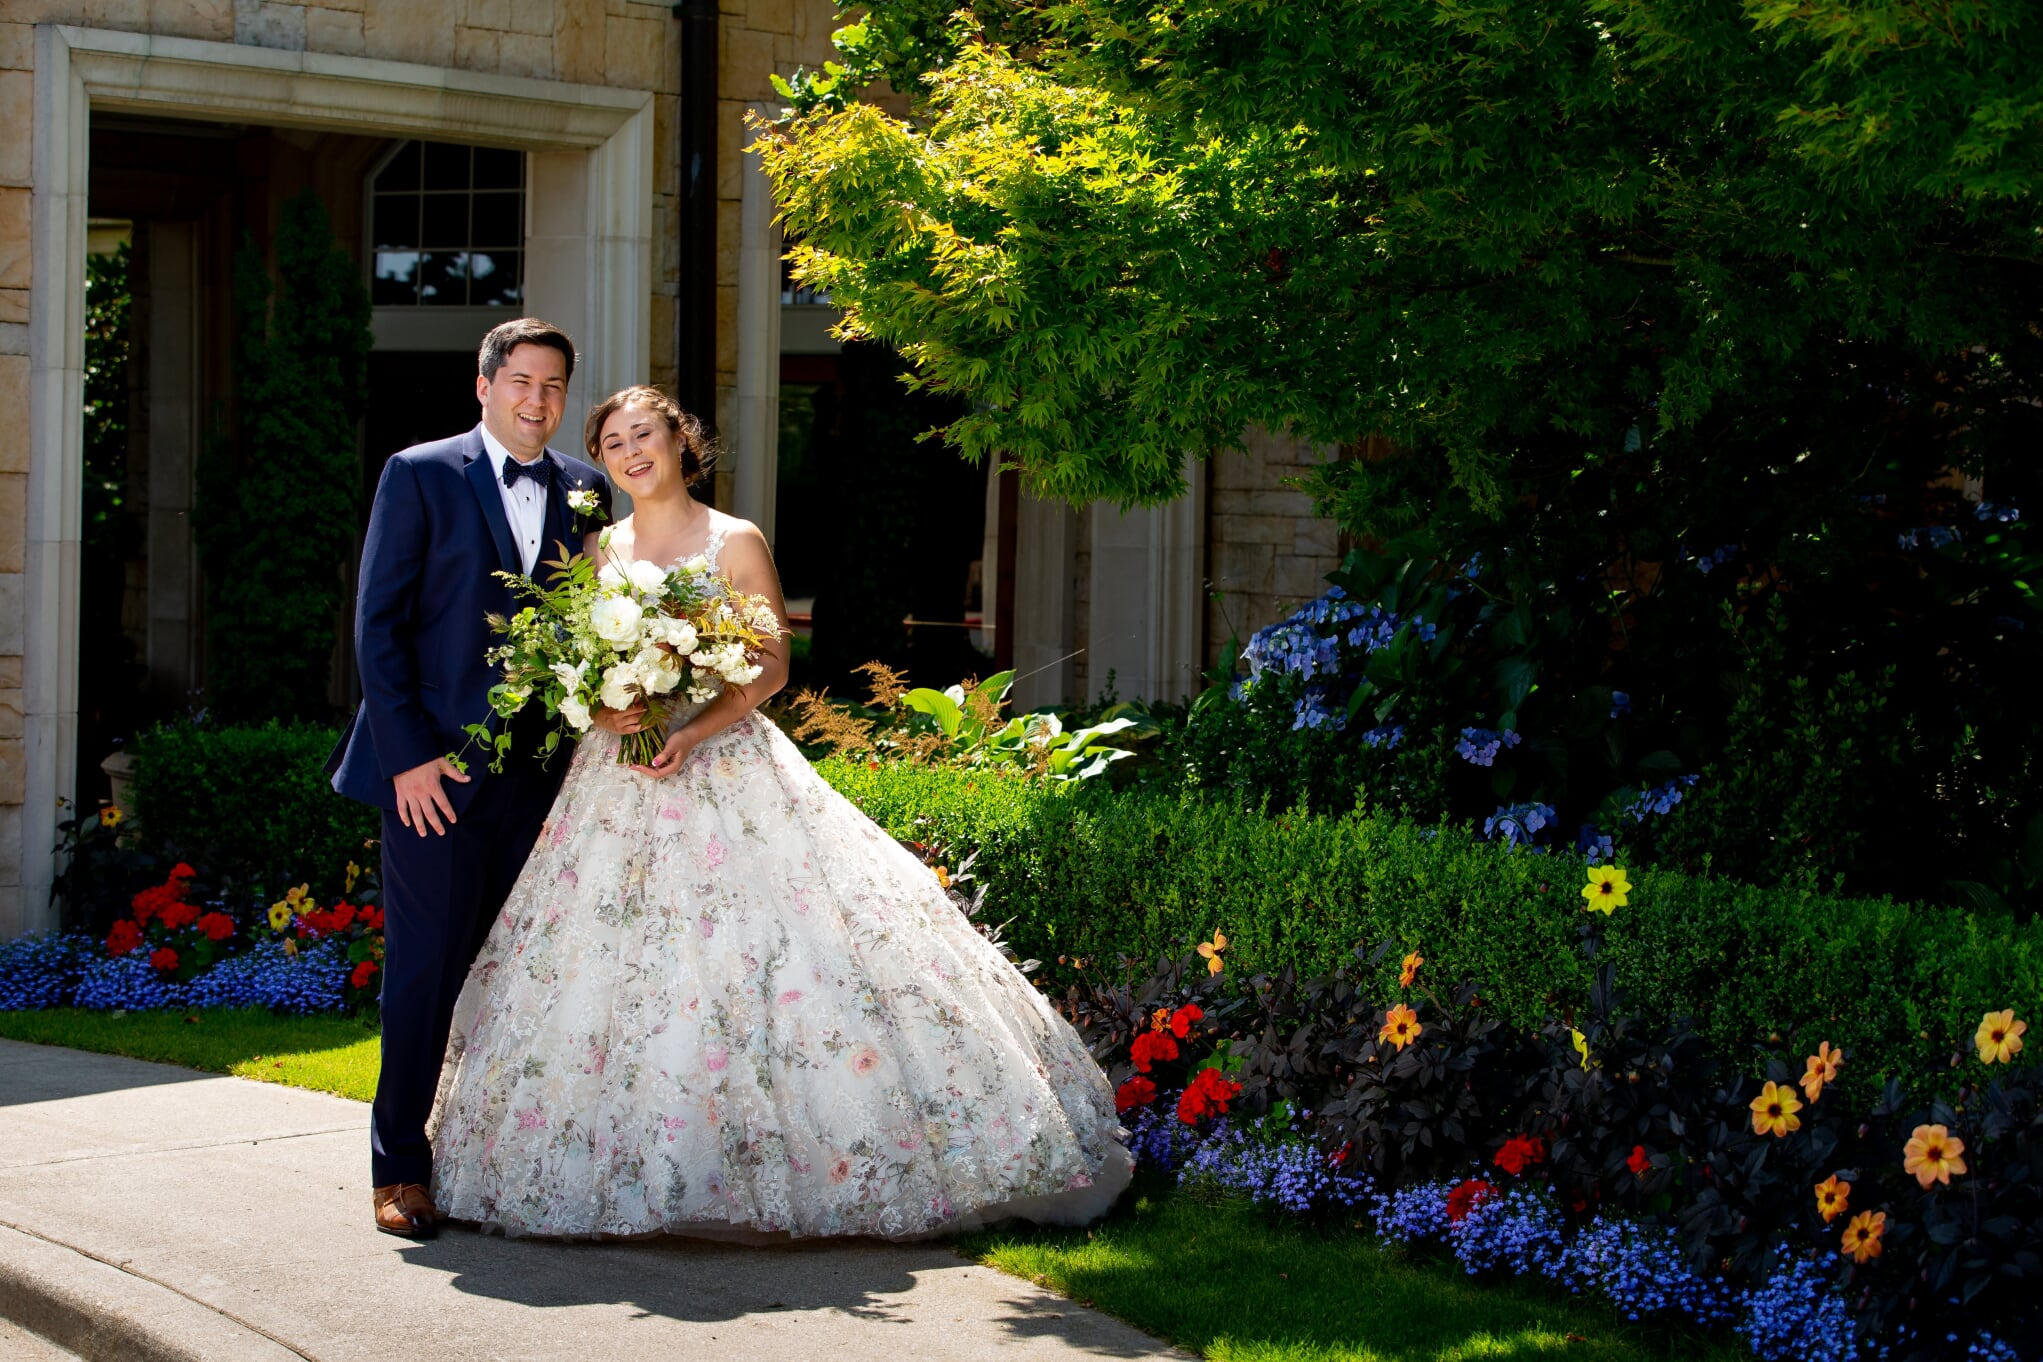 Groom and Bride in floral wedding dress standing in garden